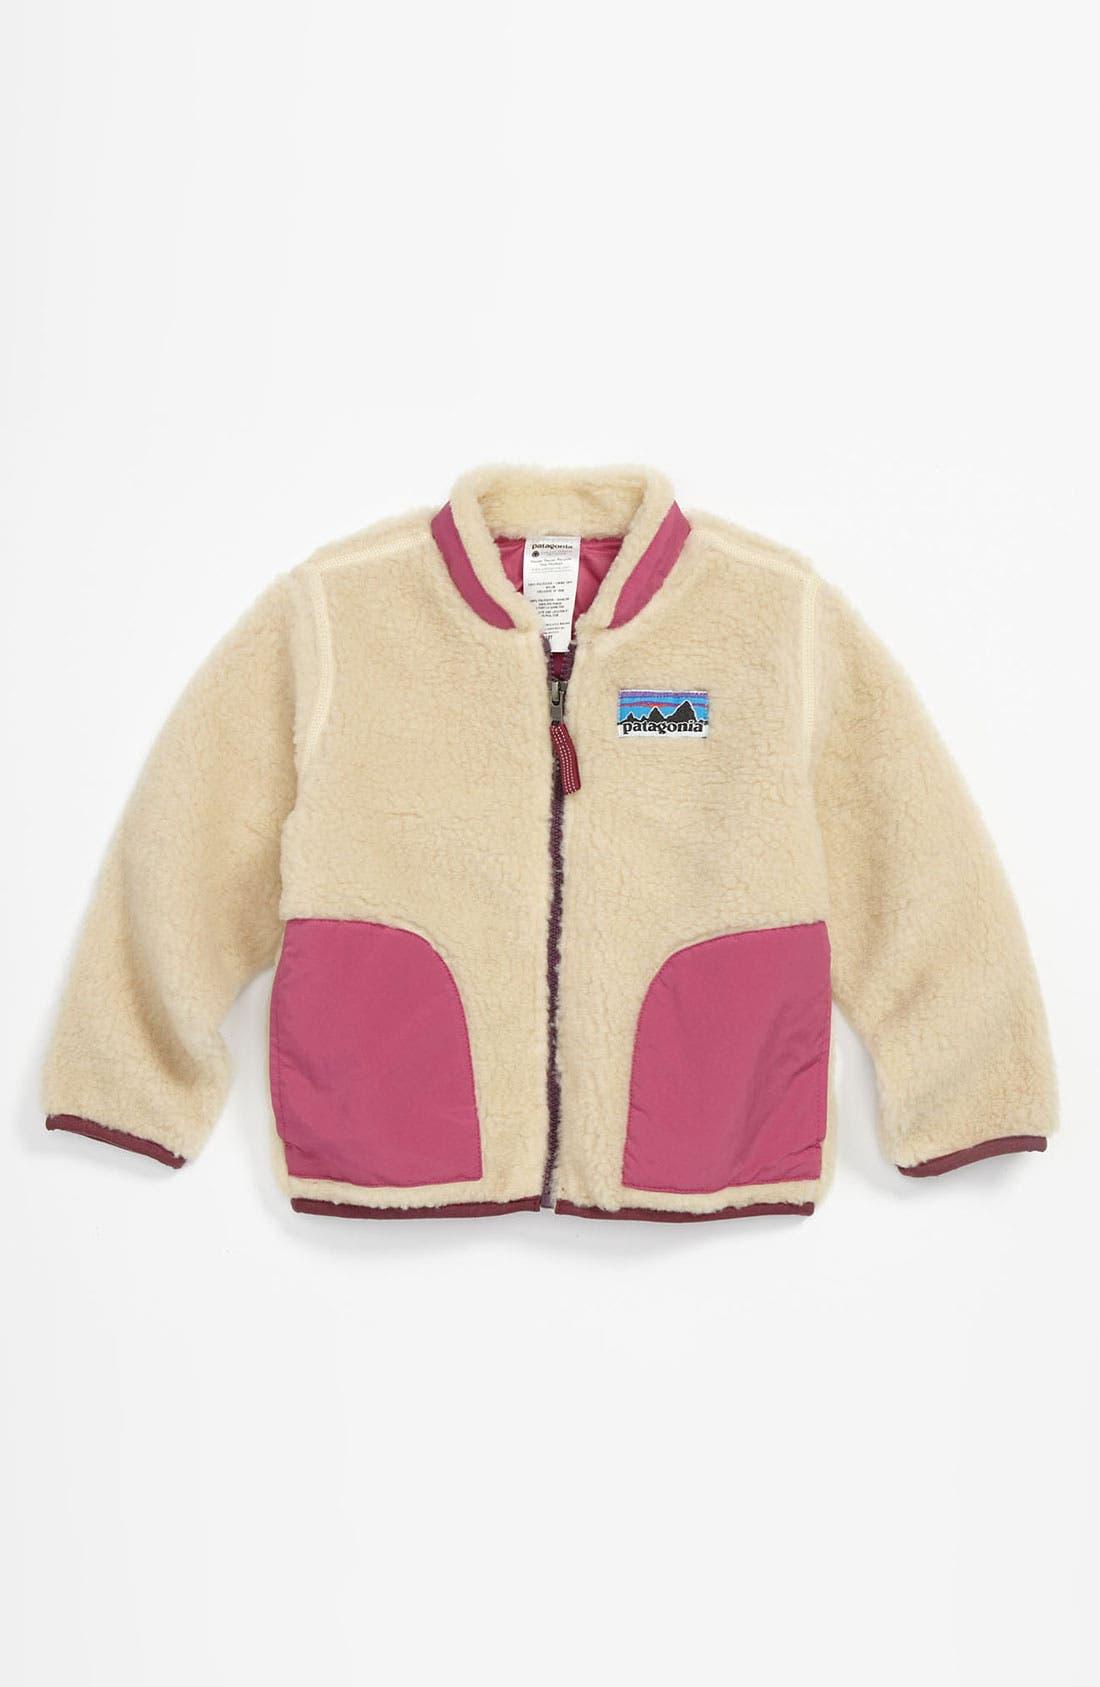 Alternate Image 1 Selected - Patagonia 'Retro-X' Jacket (Toddler)